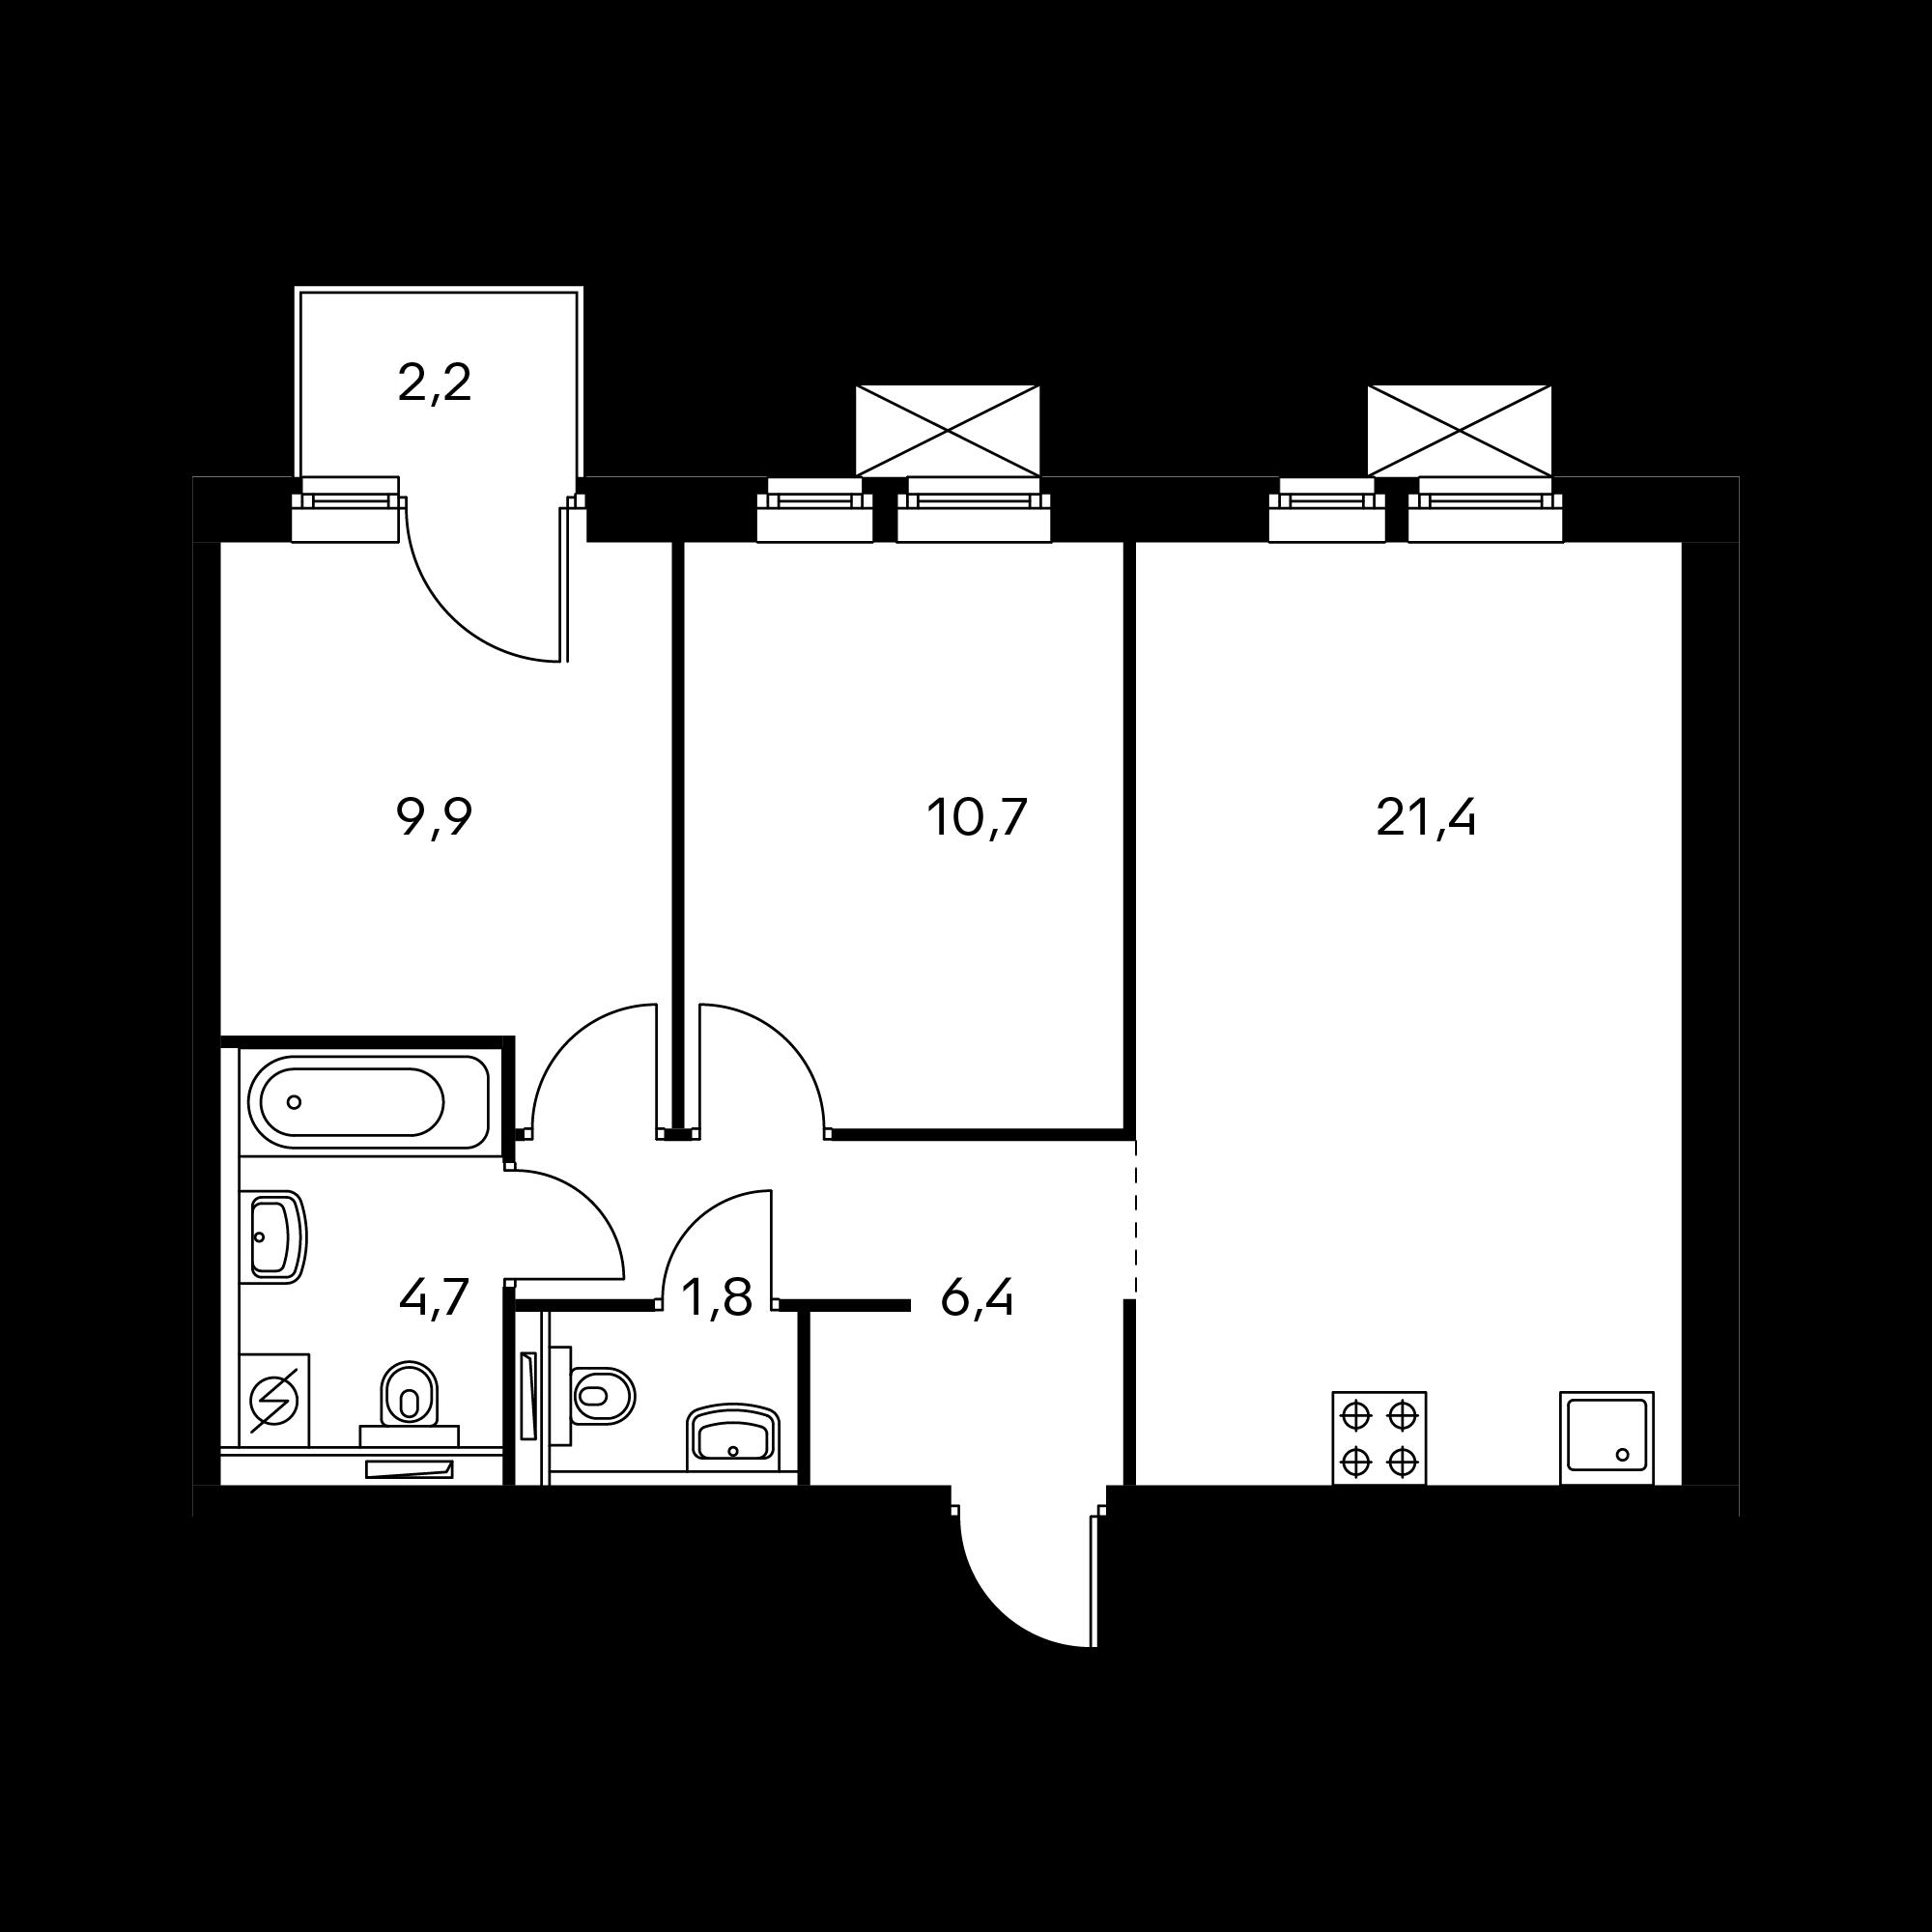 2EM9_9.6-1_B(2,2)_2